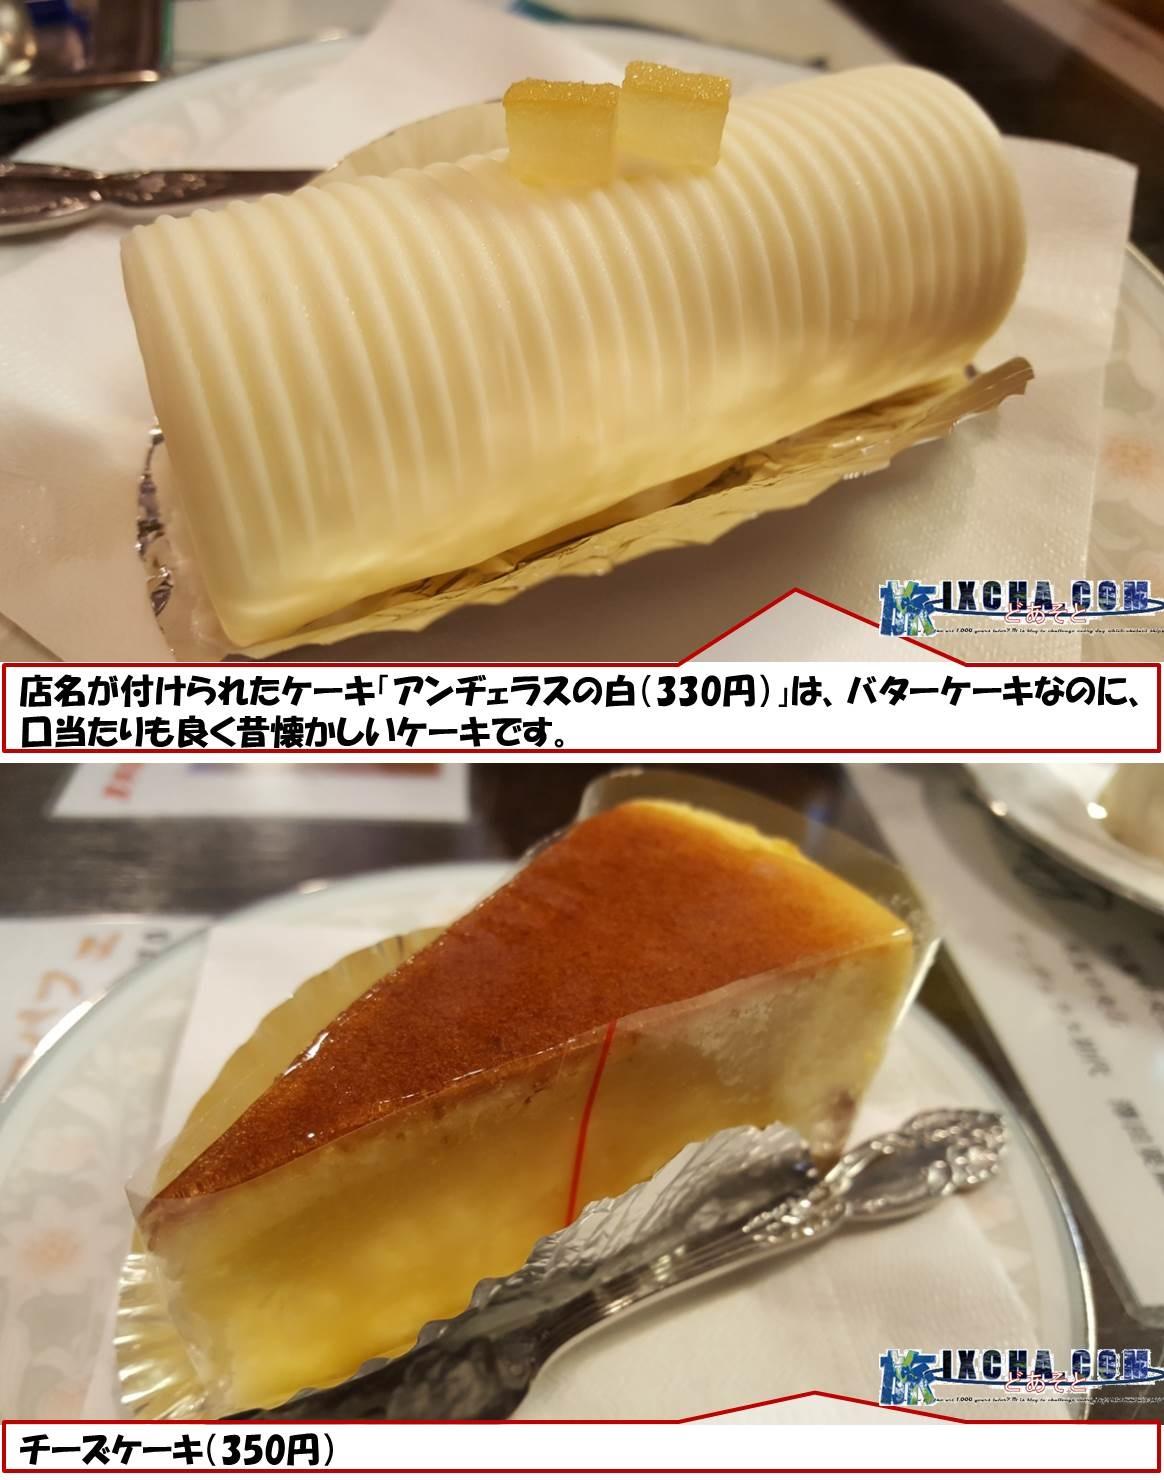 店名が付けられたケーキ「アンヂェラスの白(330円)」は、バターケーキなのに、口当たりも良く昔懐かしいケーキです。 チーズケーキ(350円)